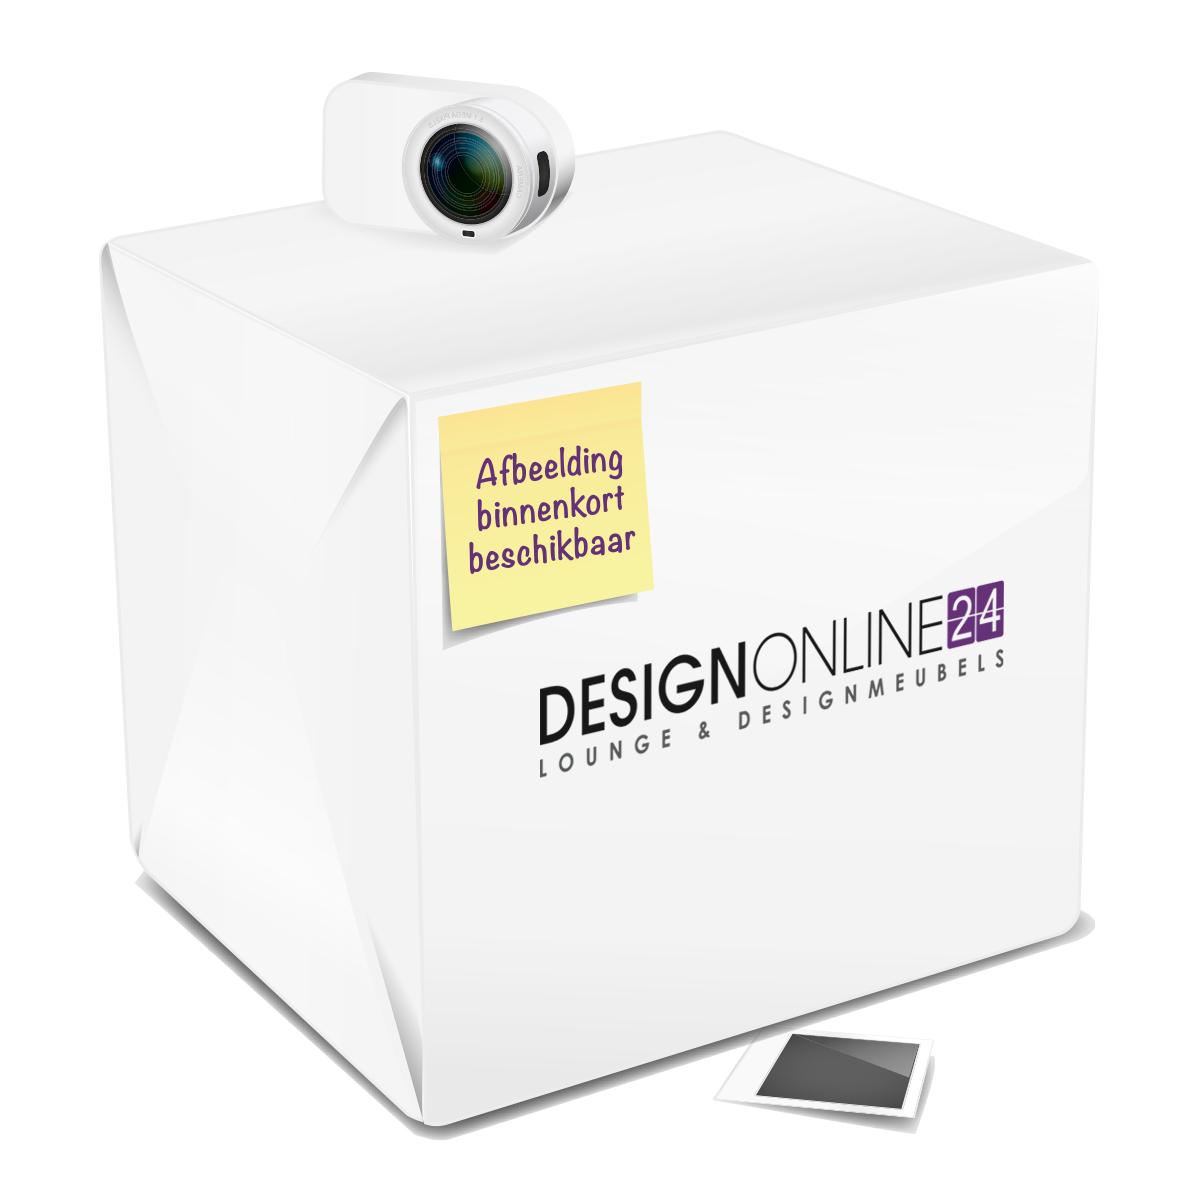 24Designs Loungeset voor 4 Personen - Marina - Zwart Polyrattan Wicker met Crème witte kussens